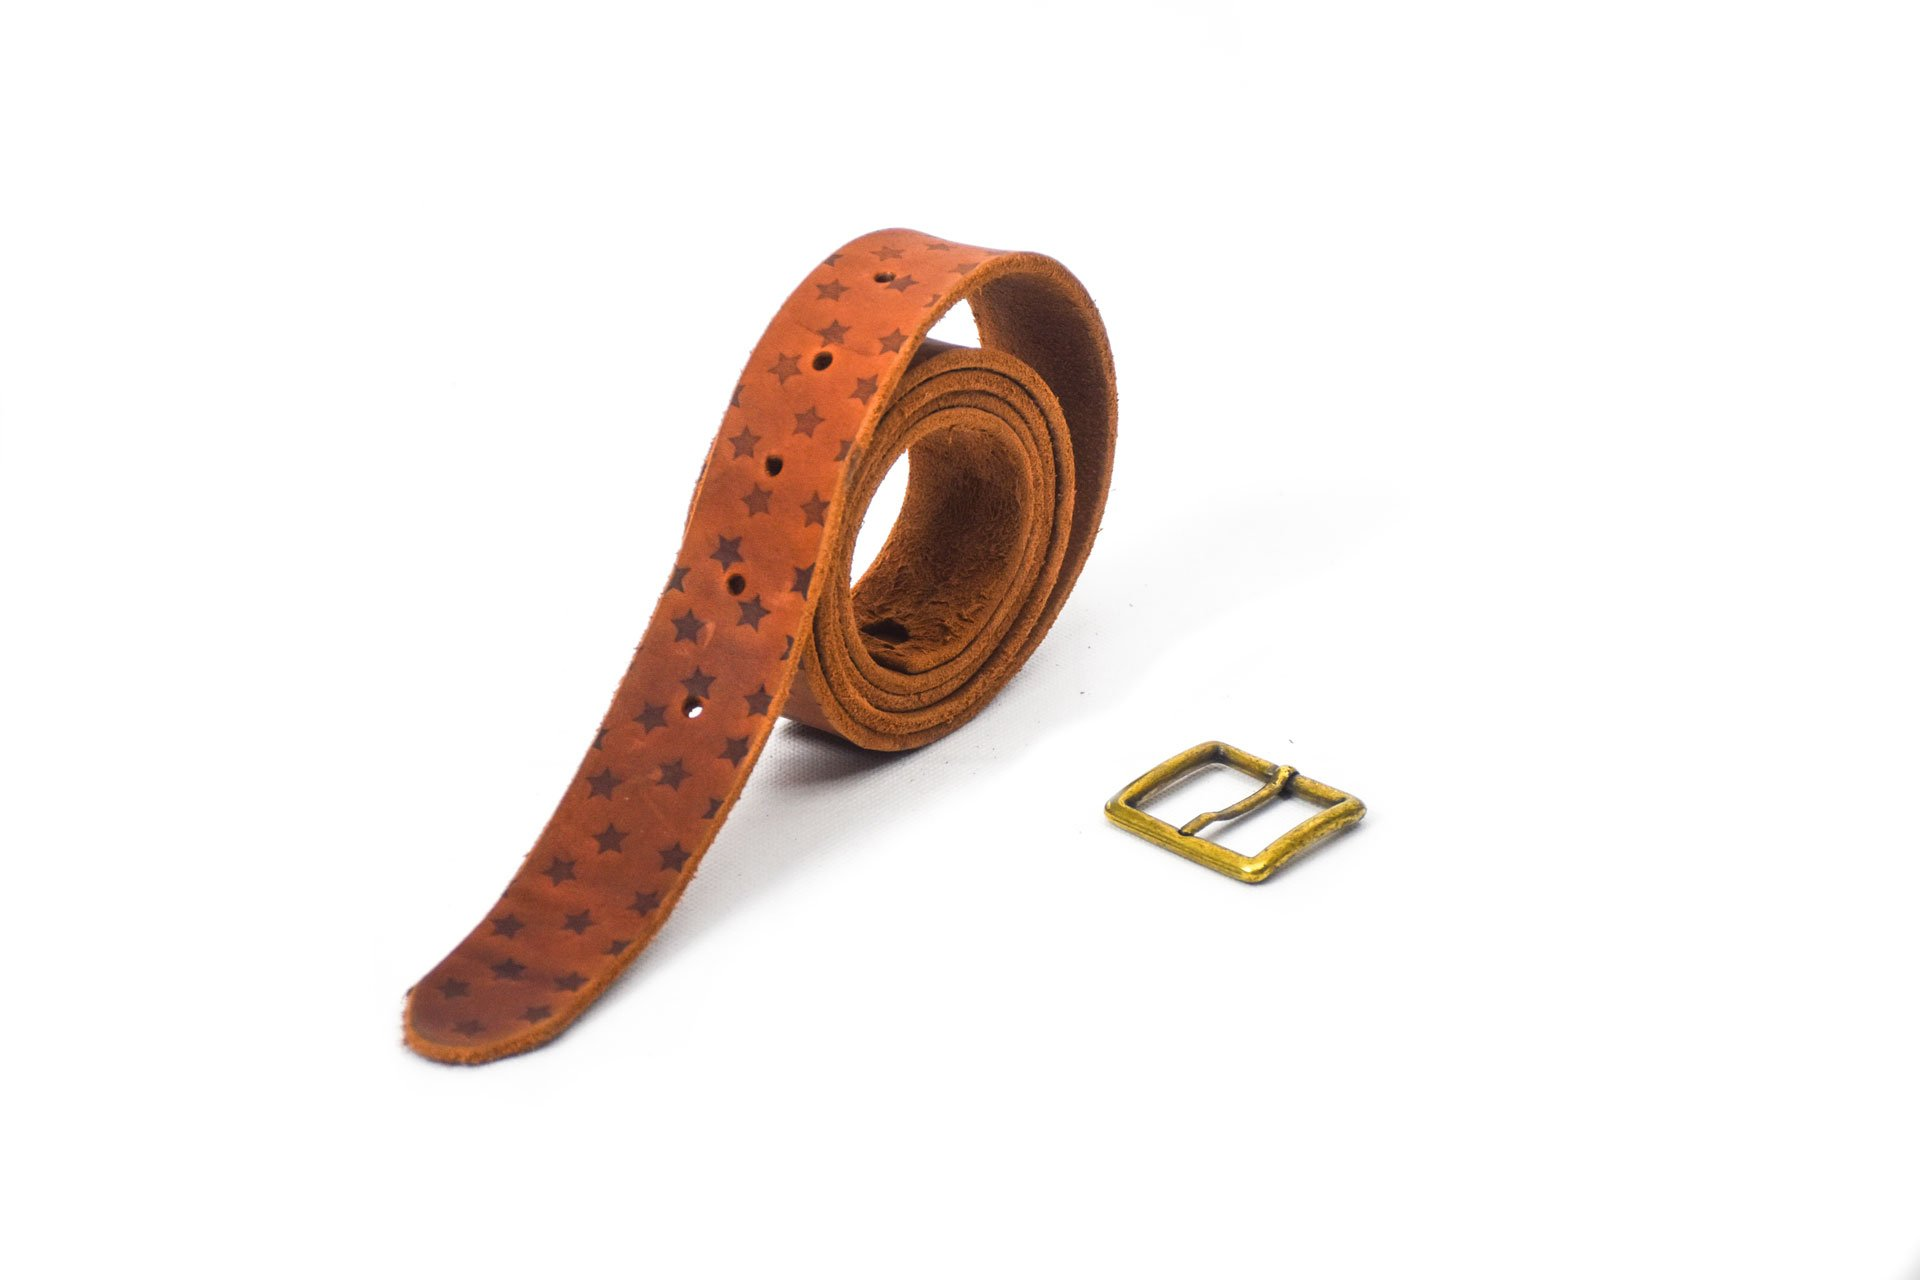 cinturón de piel vacuna piel gastada con grabado de estrellas hebilla oro viejo